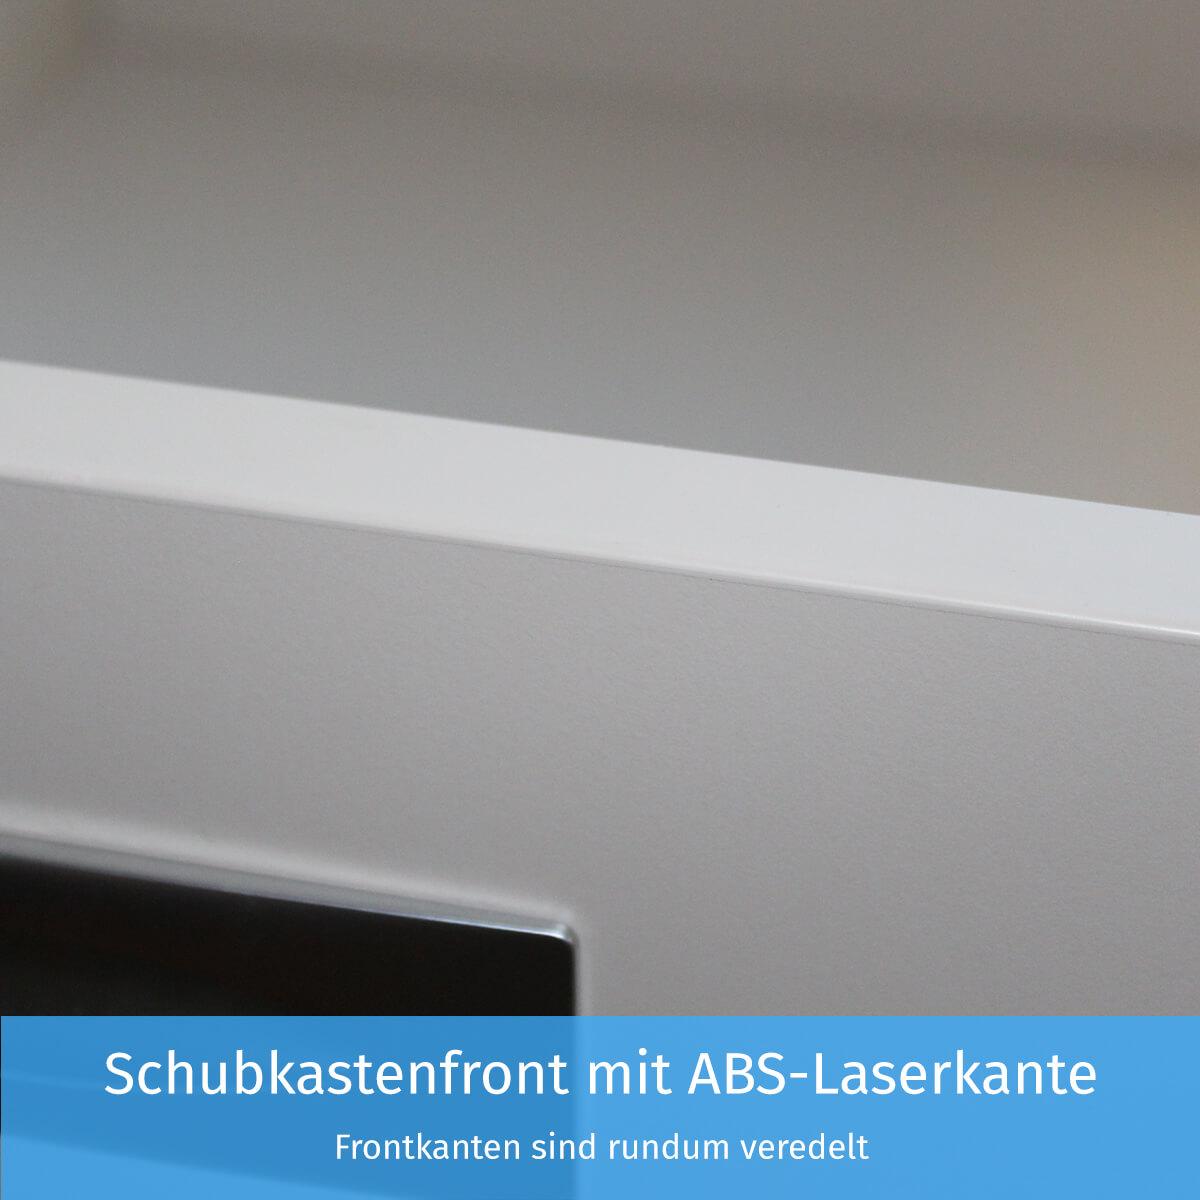 Schubkastenfront mit ABS-Laserkante